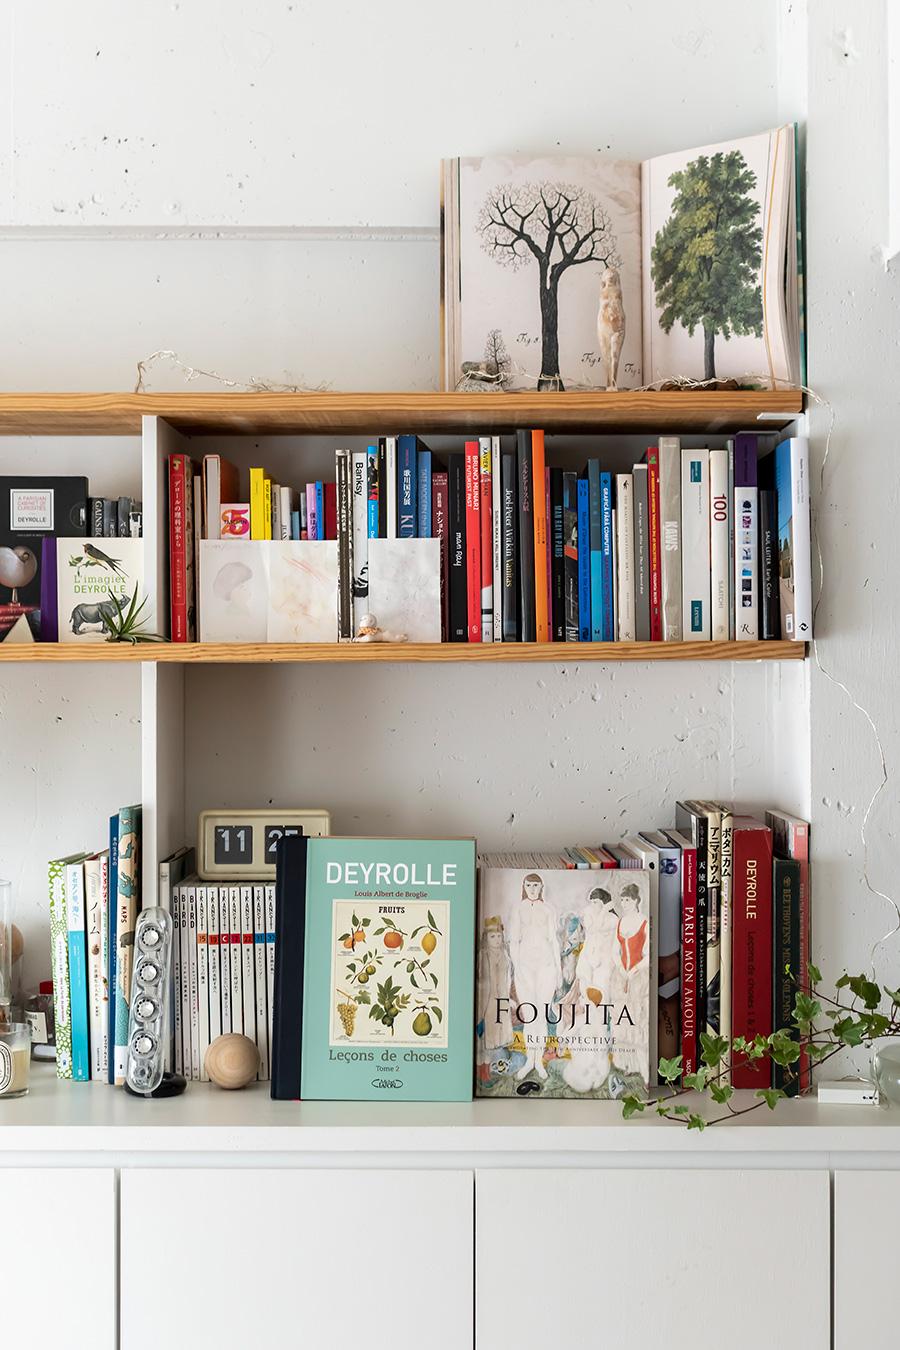 本棚にはフランスや日本の画集、図鑑が並ぶ。